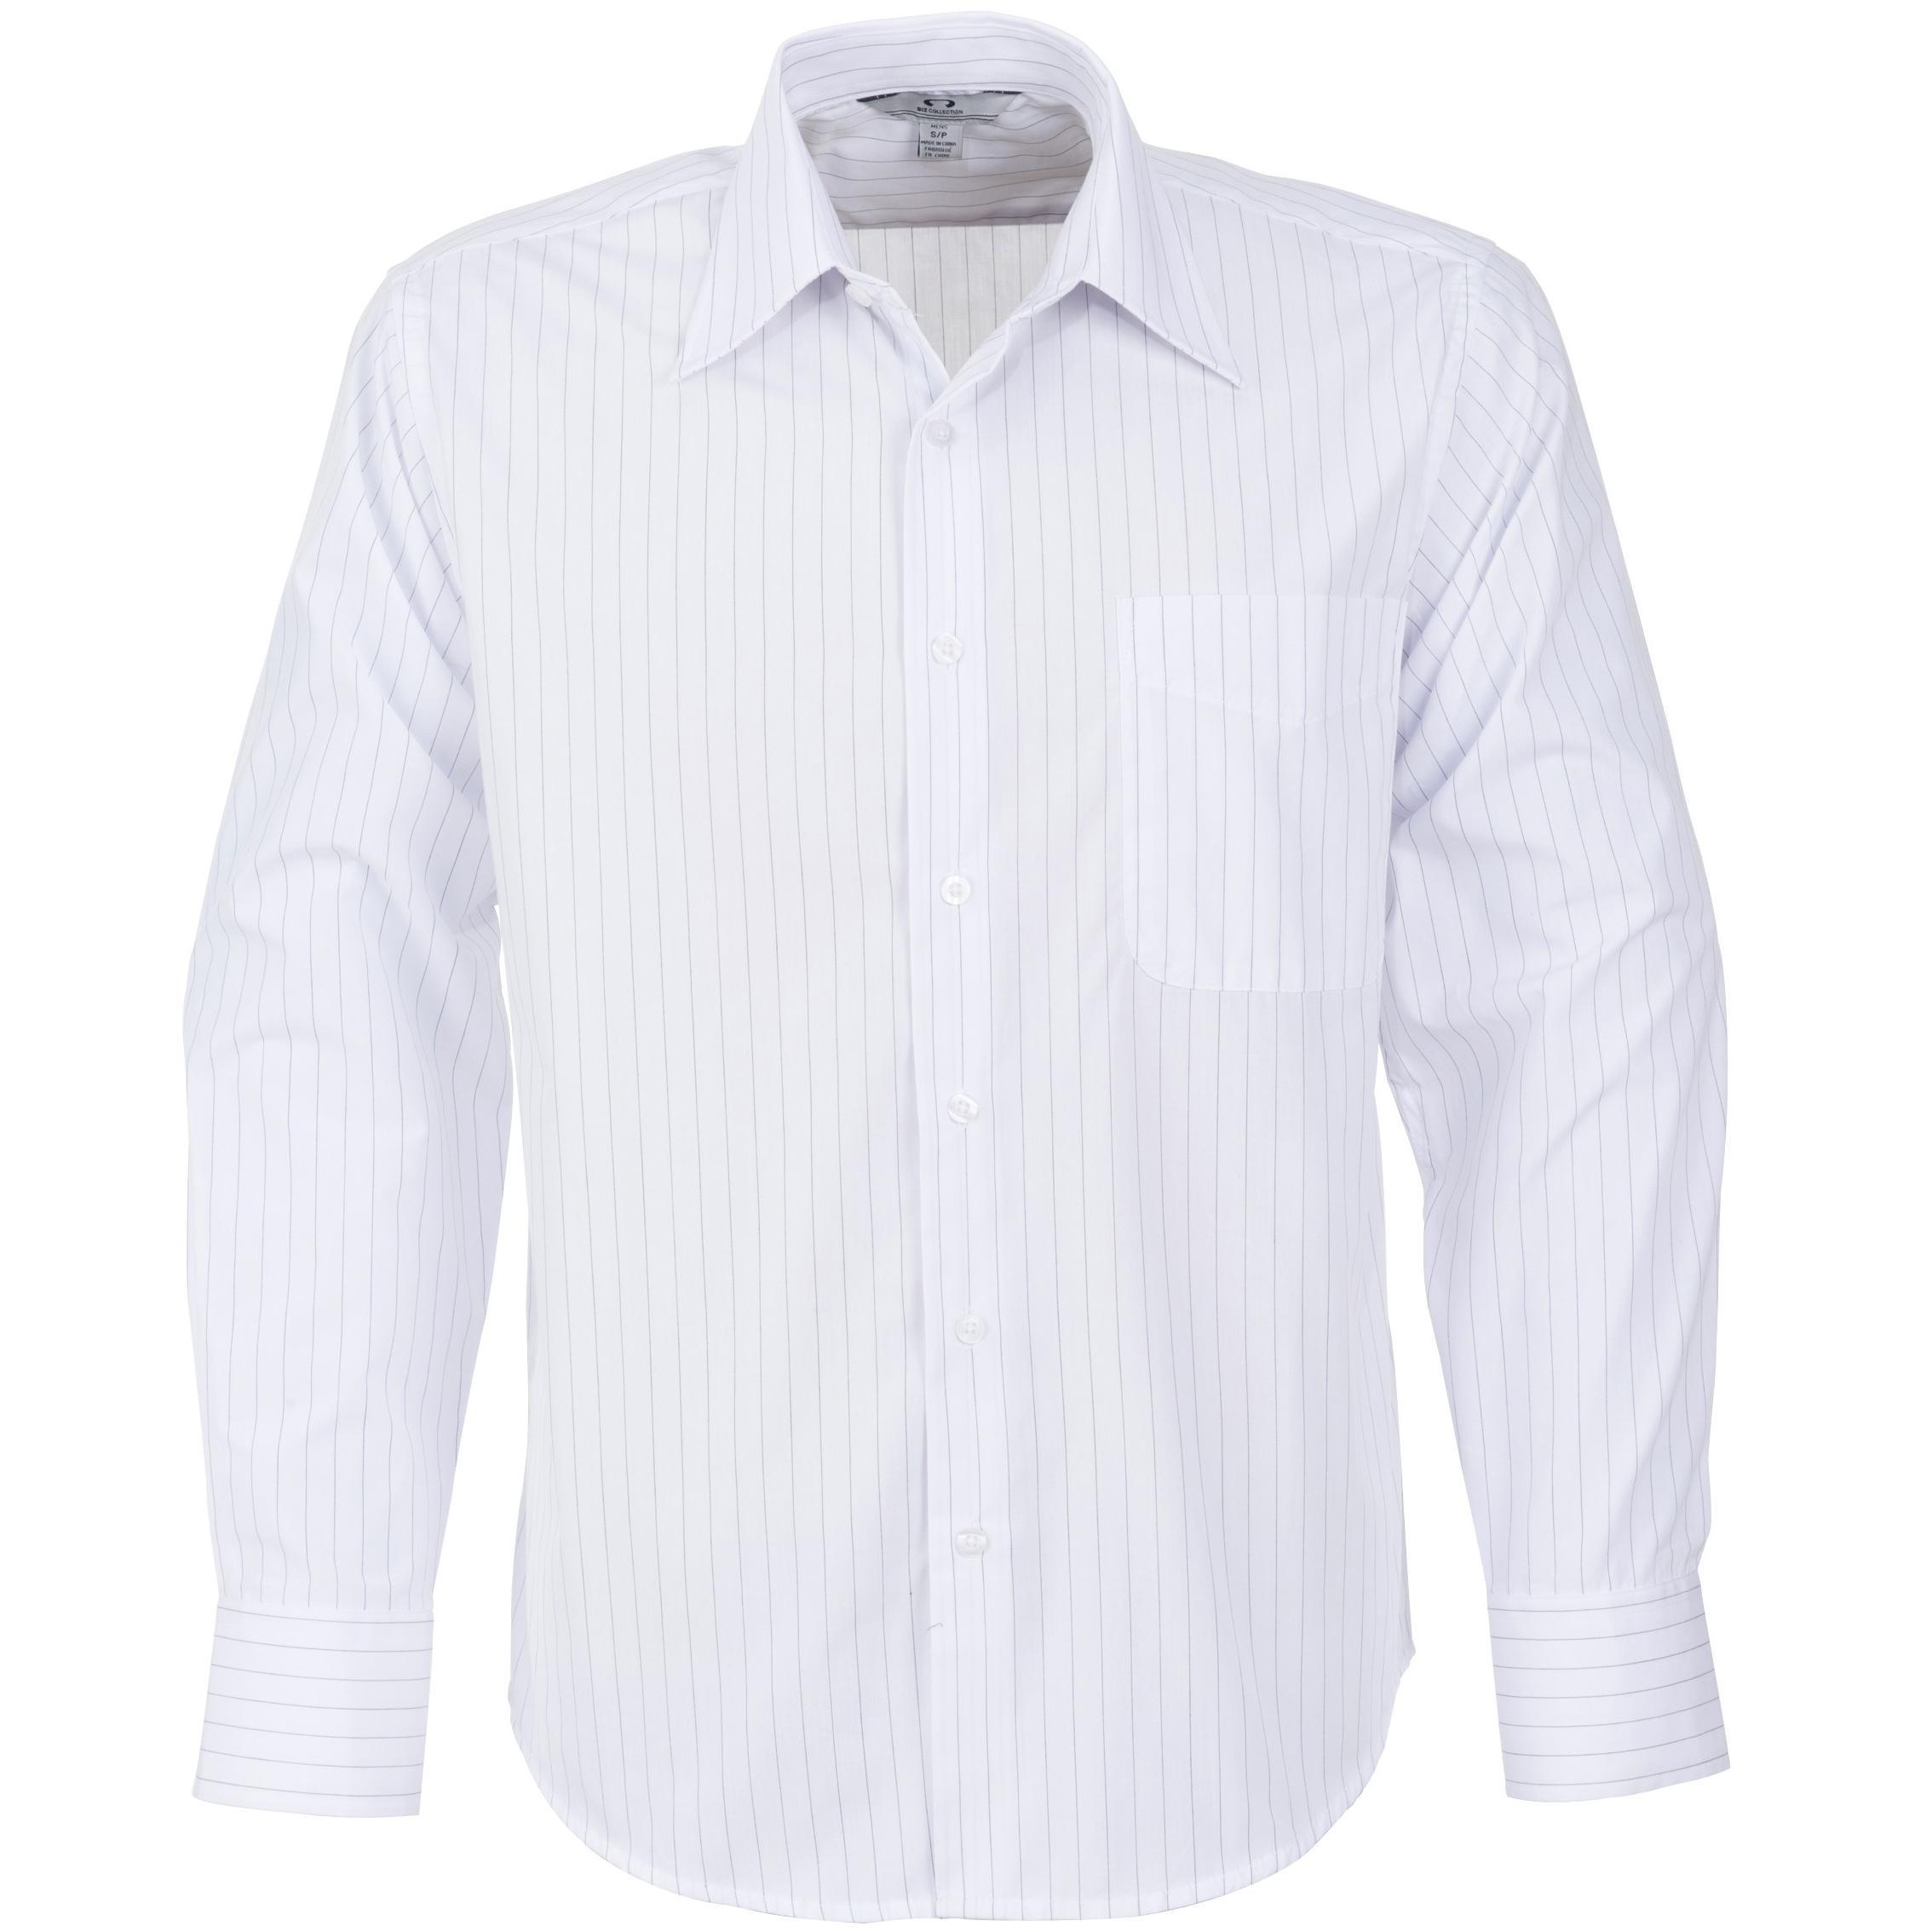 Mens Long Sleeve Manhattan Striped Shirt - Wbl Only